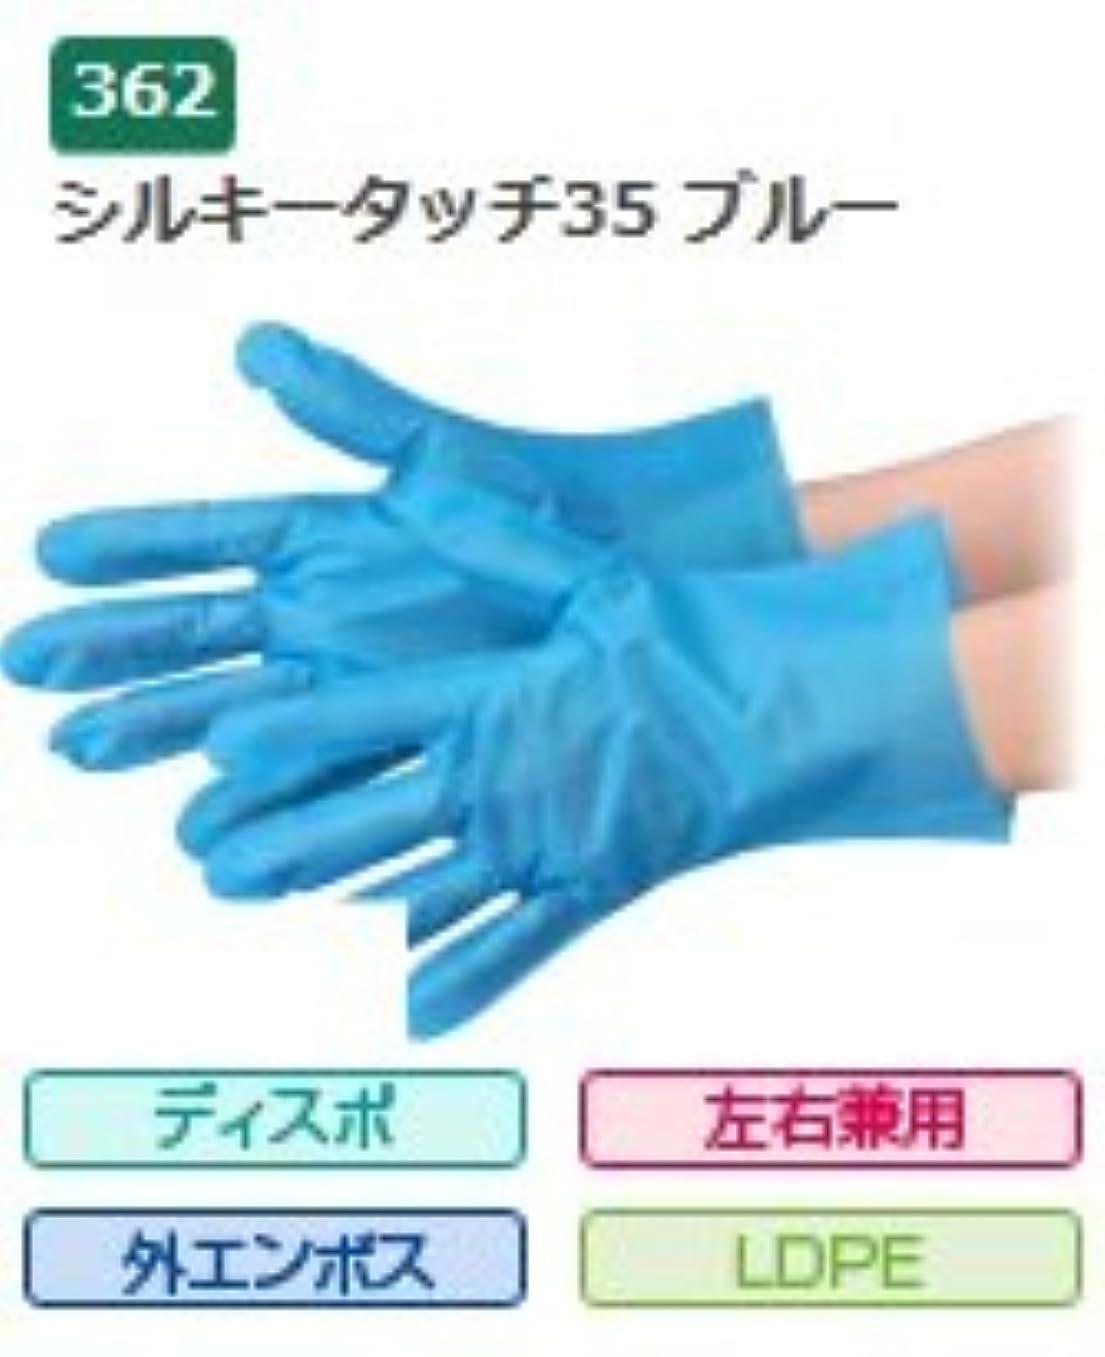 準備するケーキ家庭エブノ ポリエチレン手袋 No.362 S 青 (100枚×50袋) シルキータッチ35 ブルー 袋入